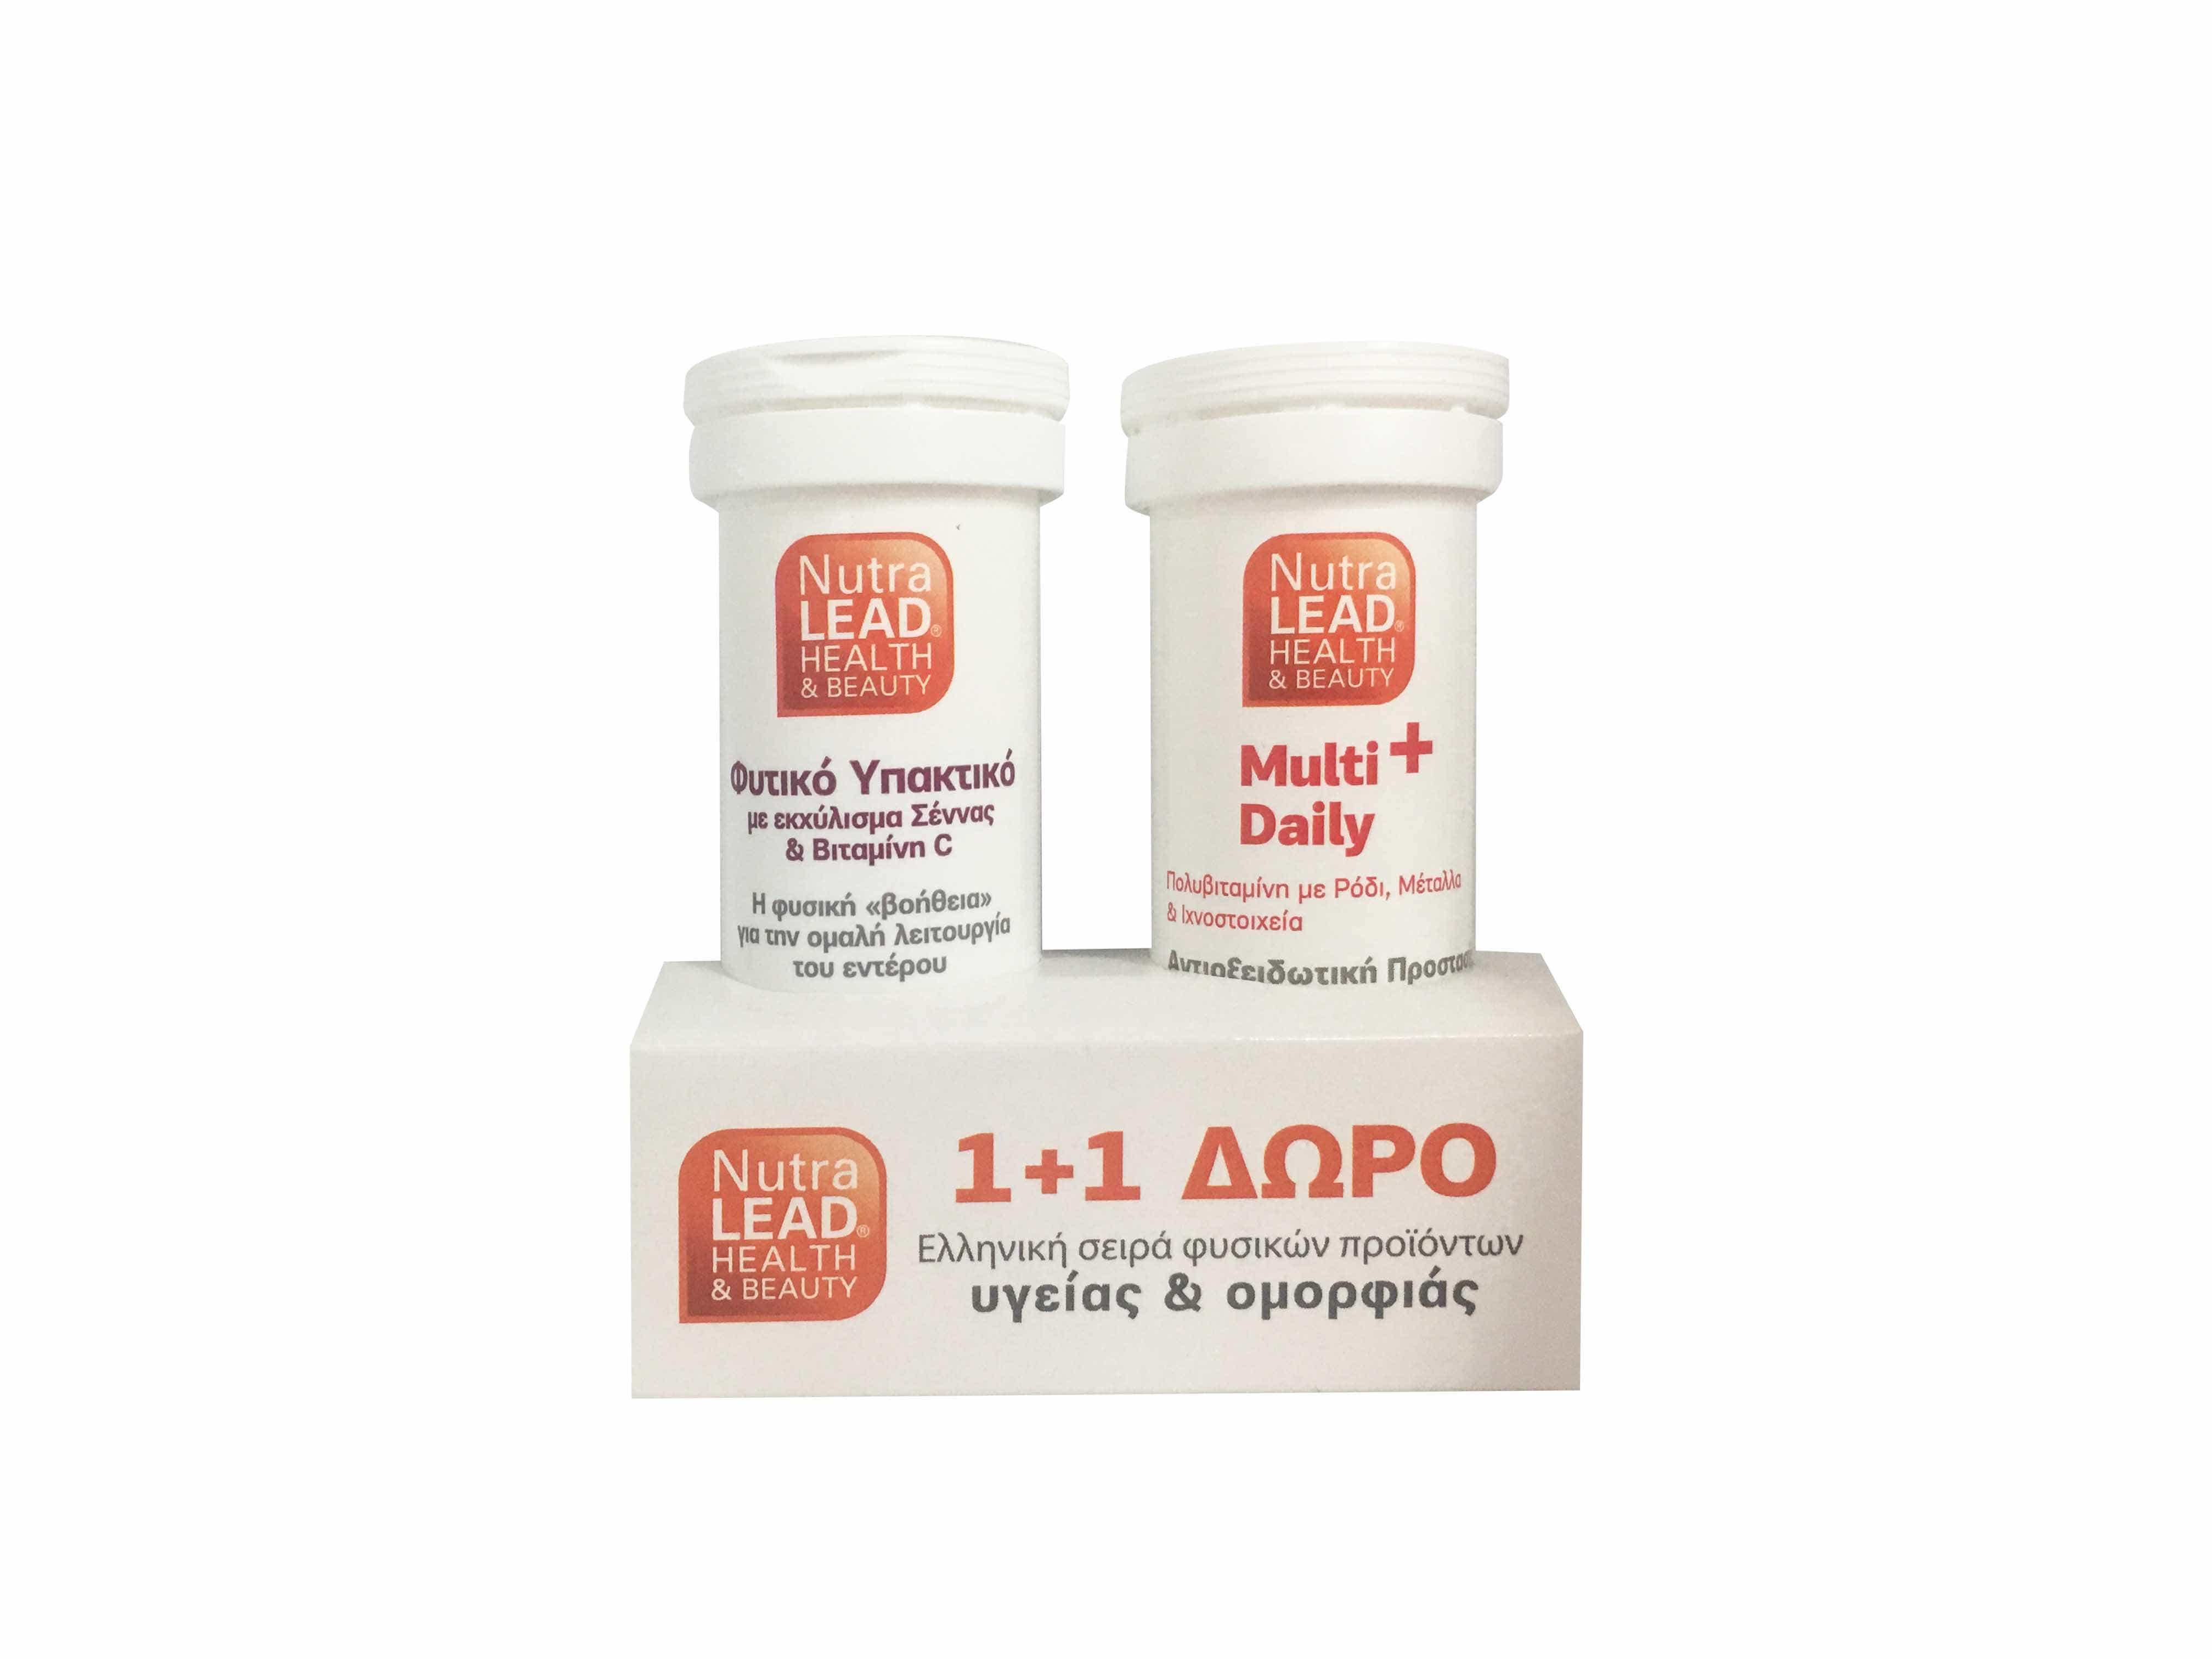 NutraLead (1+1 ΔΩΡΟ) Multi+ Daily Πολυβιταμίνη με Ρόδι για Αντιοξειδωτική Προστασία, Ενέργεια & Τόνωση, 10 eff.tabs & ΔΩΡΟ NutraLead Φυτικό Υπακτικό με Βιταμίνη C ,10 eff.tabs